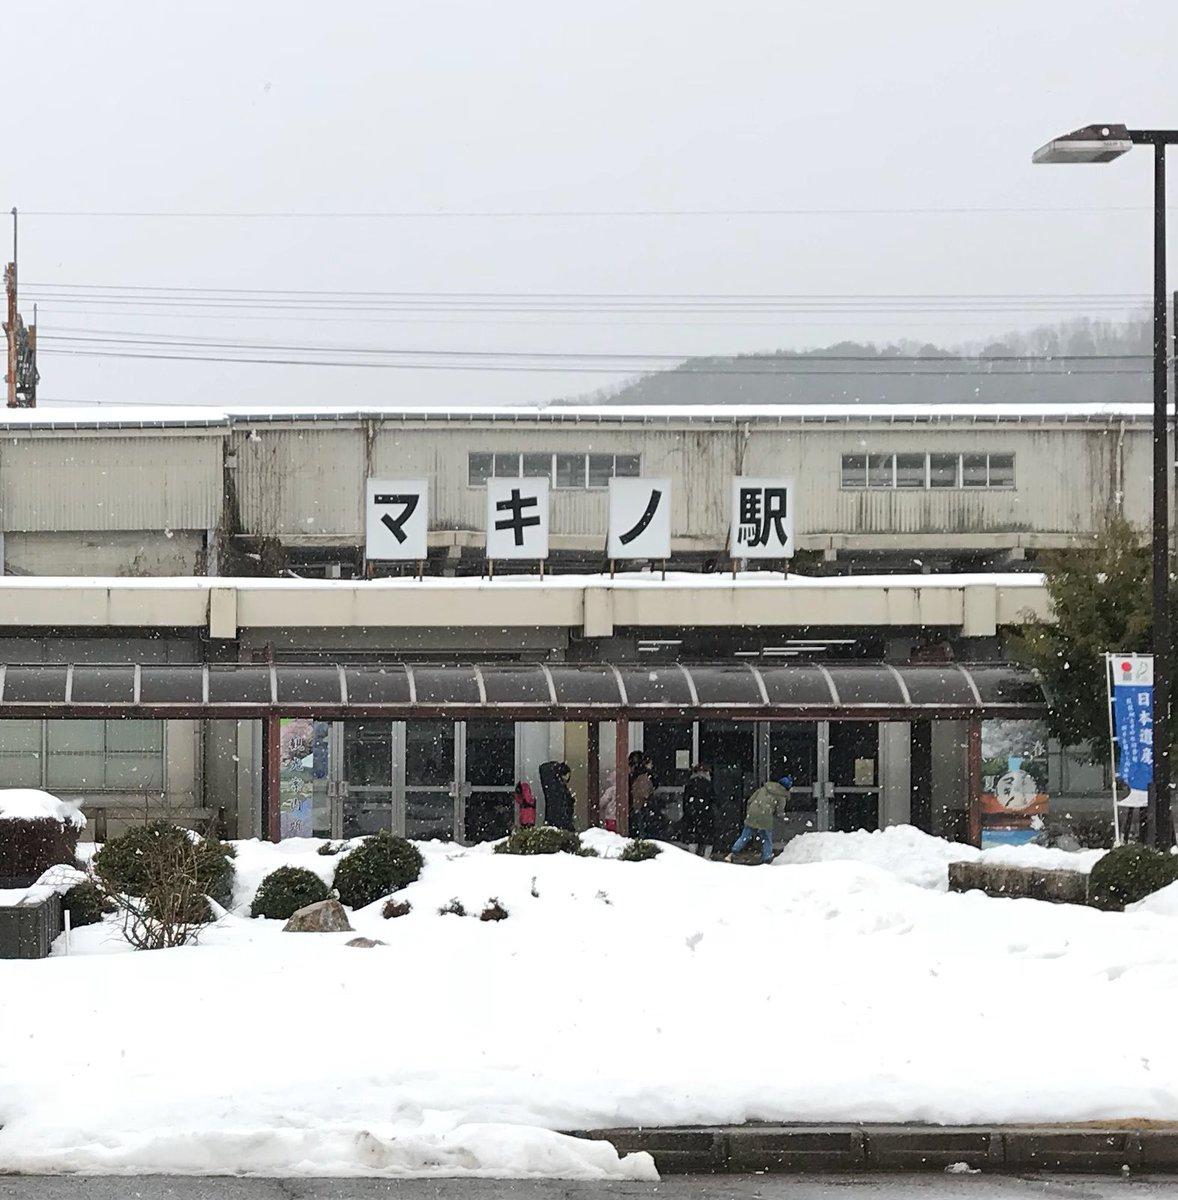 八神マキノPオフ会2日目、滋賀県のマキノ町にあるマキノ高原マキノスキー場でマキノPがスキーをする会に来ています。 見渡す限りの雪景色。